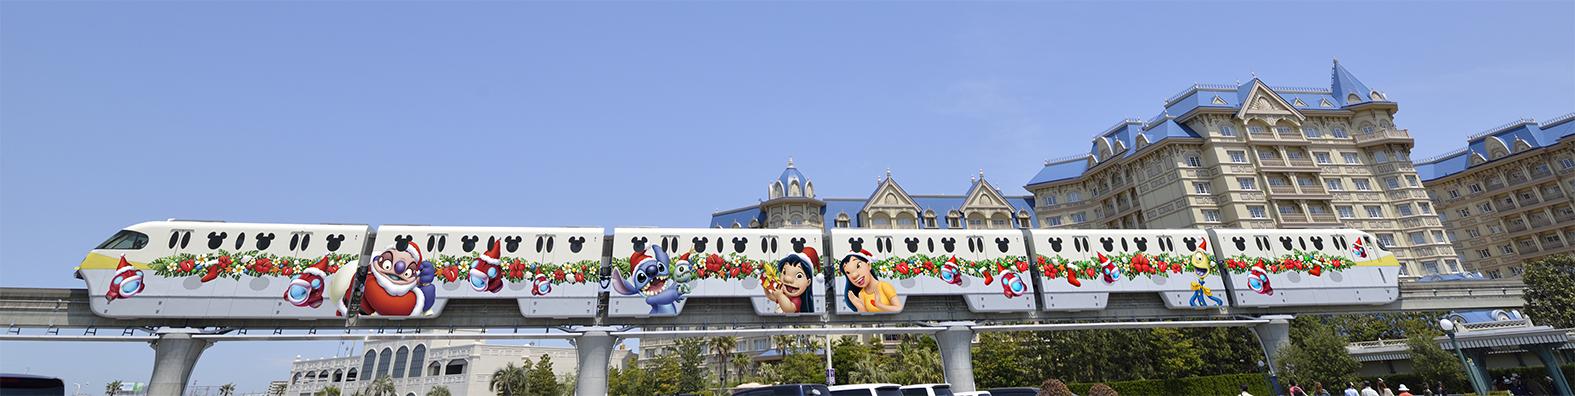 スティッチ・エンカウンター・ライナー モノレール車外全車両(イメージ) (c)Disney